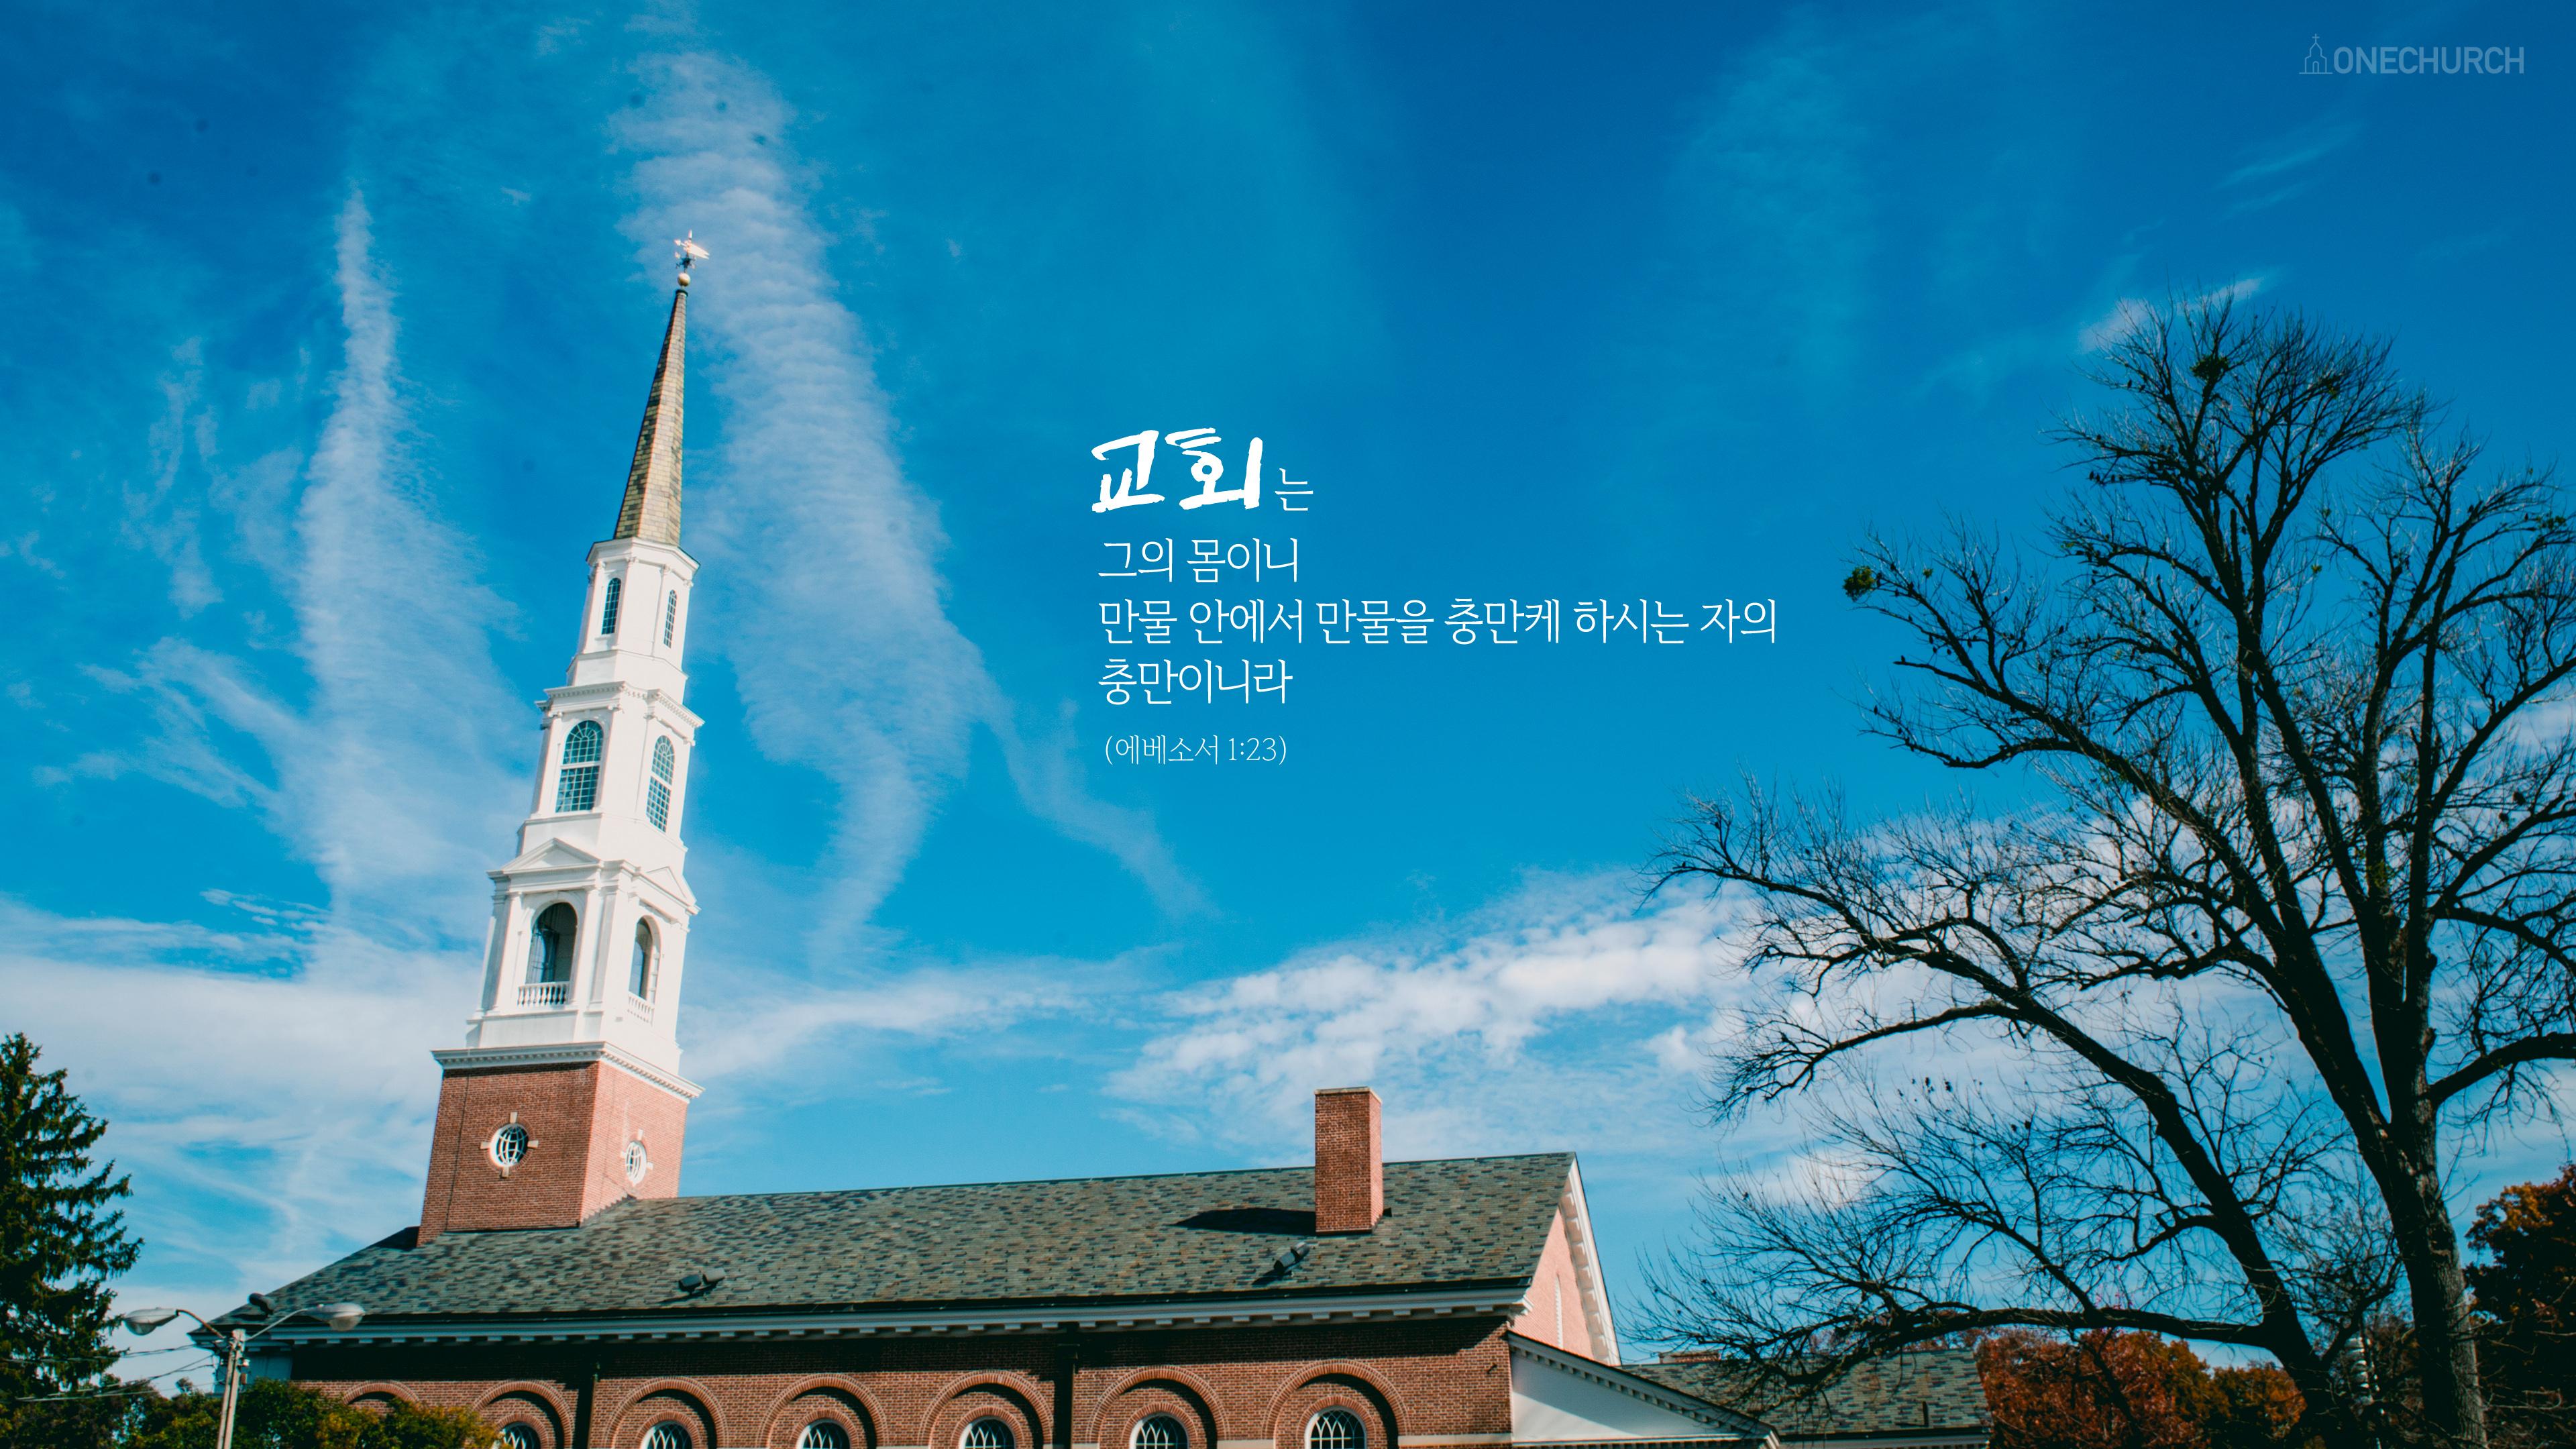 교회는 그의 몸이니 바탕화면 3840x2160.JPG